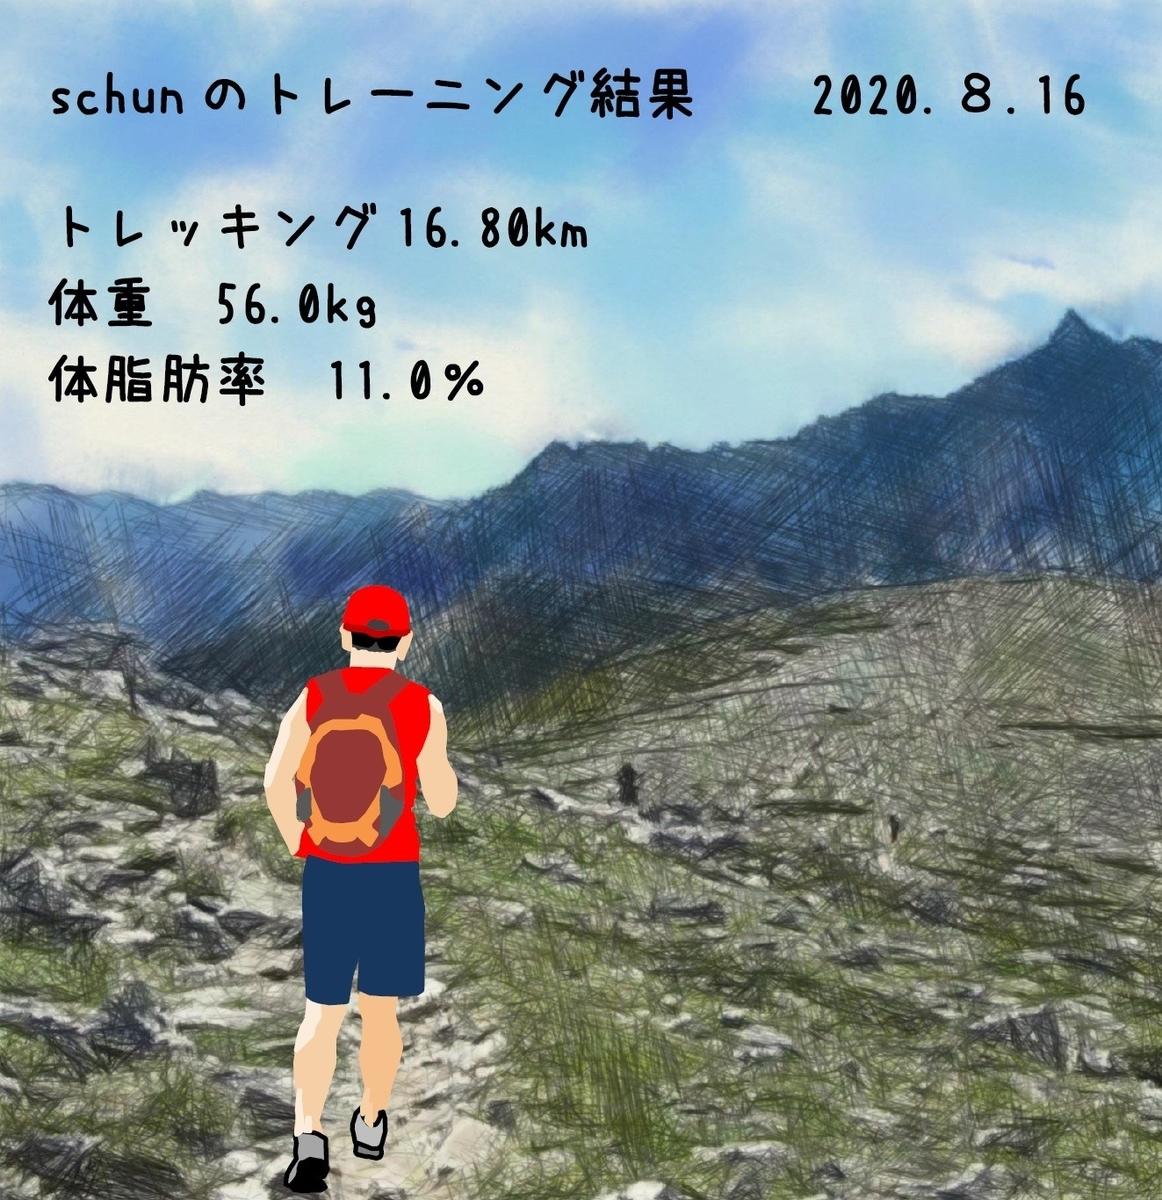 f:id:schunchi2007:20210815125847j:plain